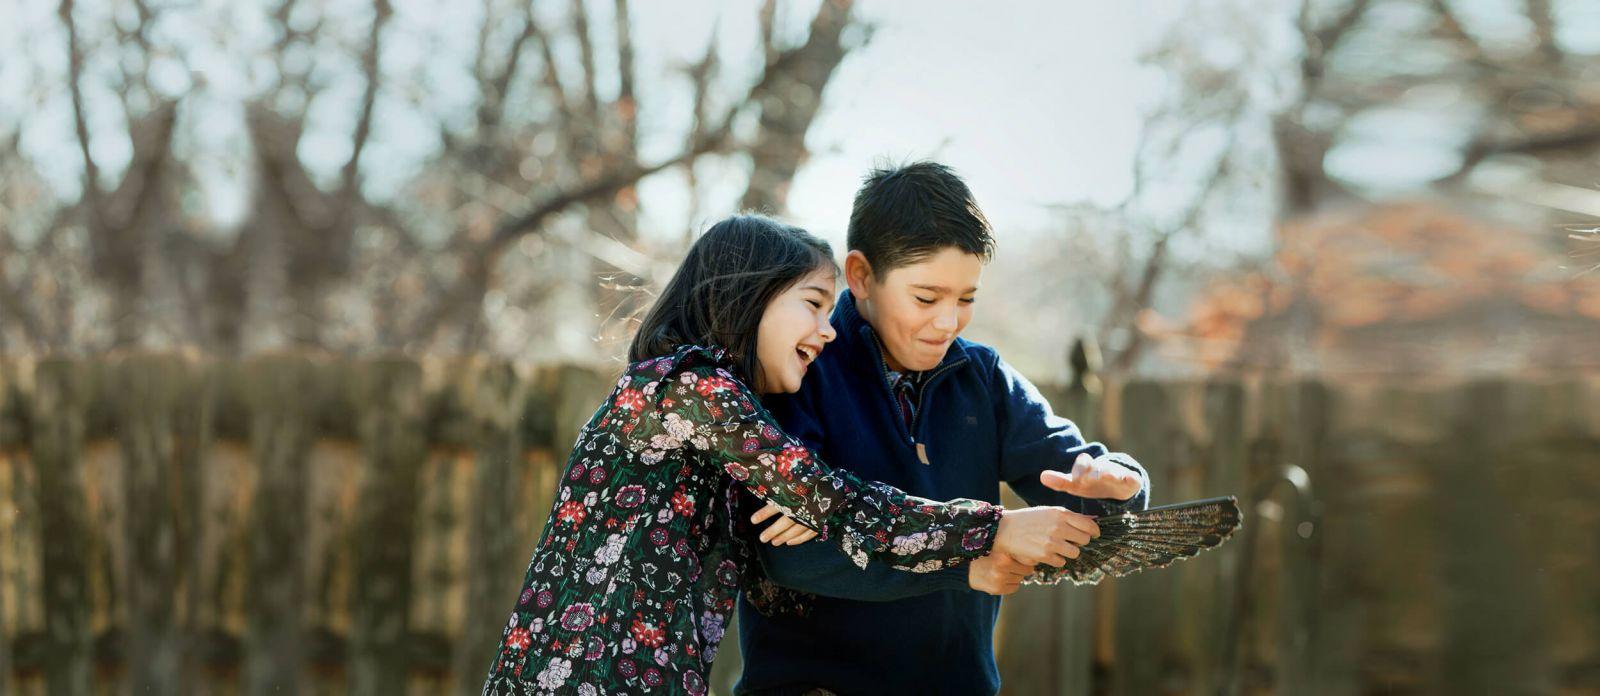 photograph children laughing playing having fun